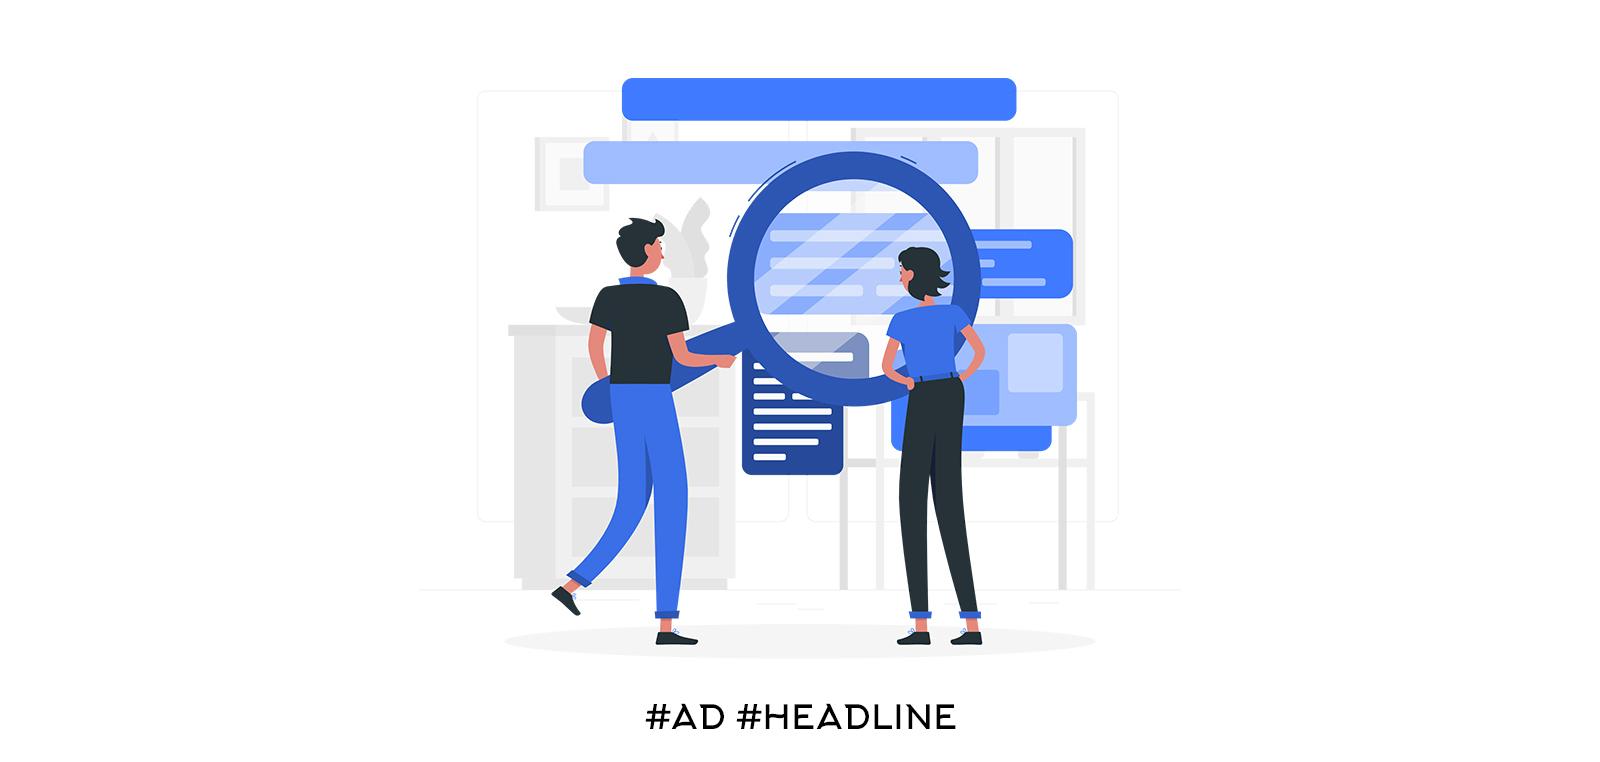 Заглавието на рекламата в Гугъл трябва да привлича вниманието